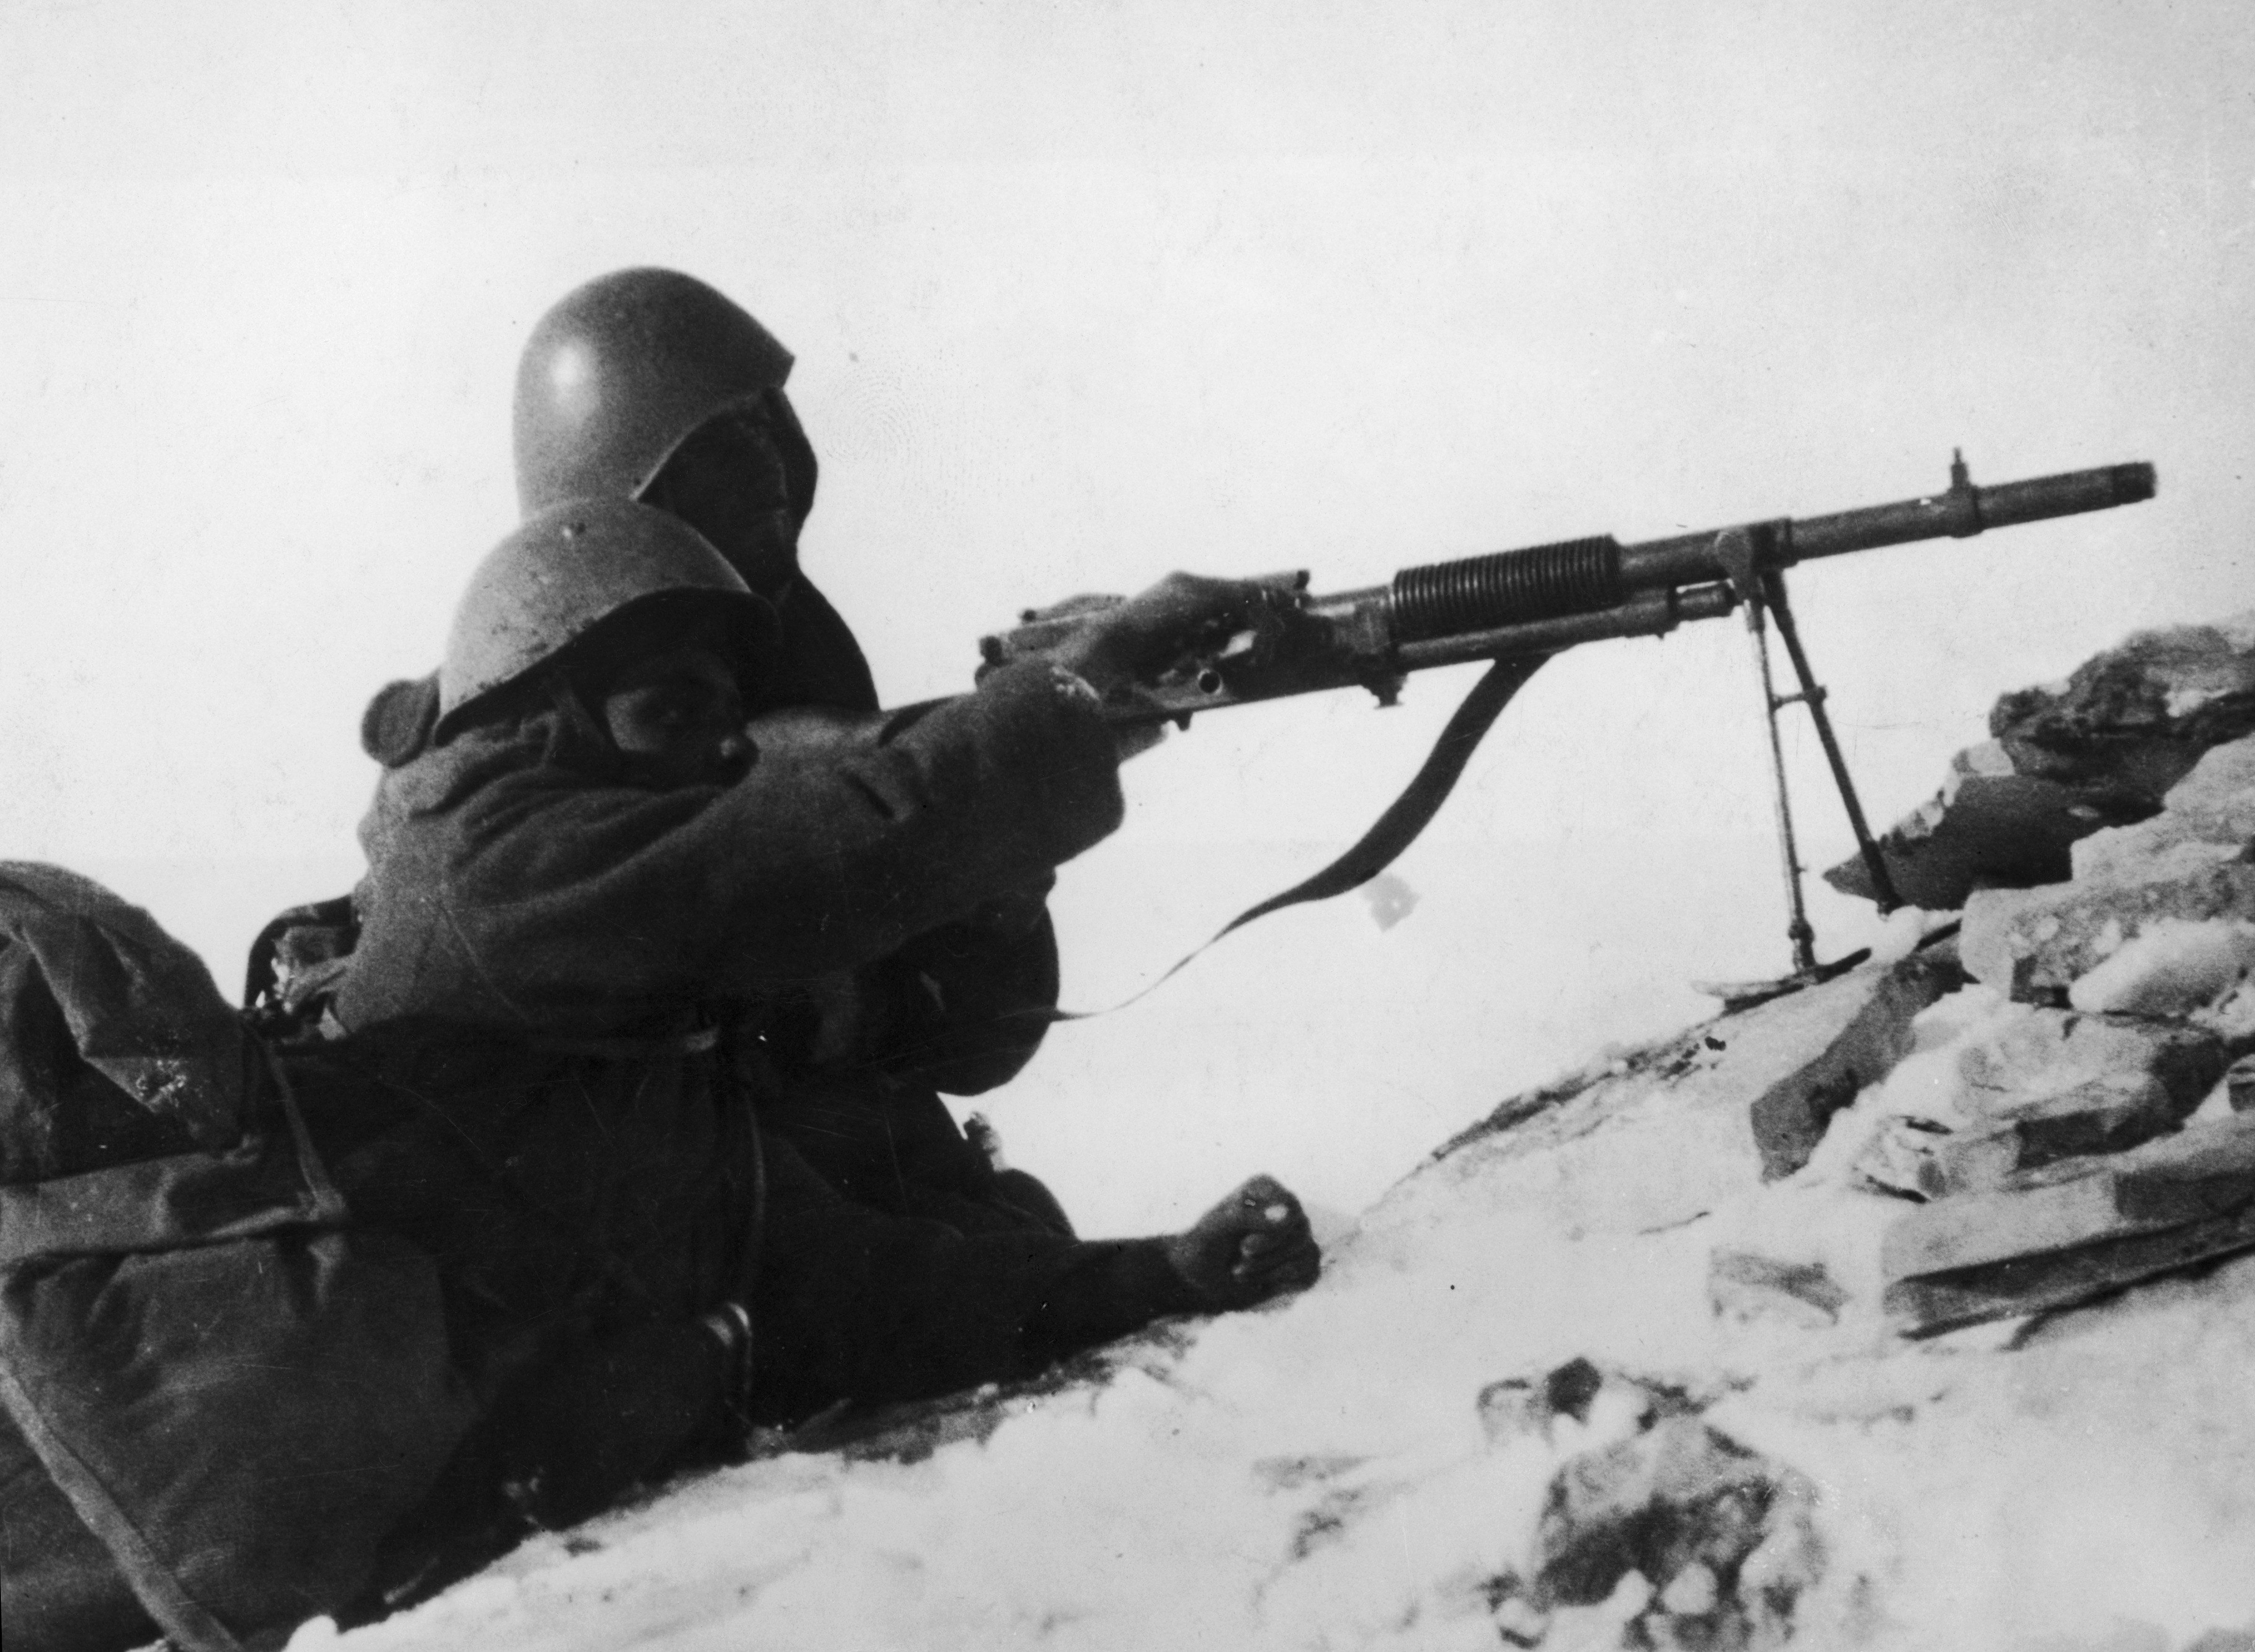 ΥΠΕΞ: Σημαντικό βήμα για να αναπαυθούν οι ψυχές των πεσόντων στρατιωτών του 1940-1941